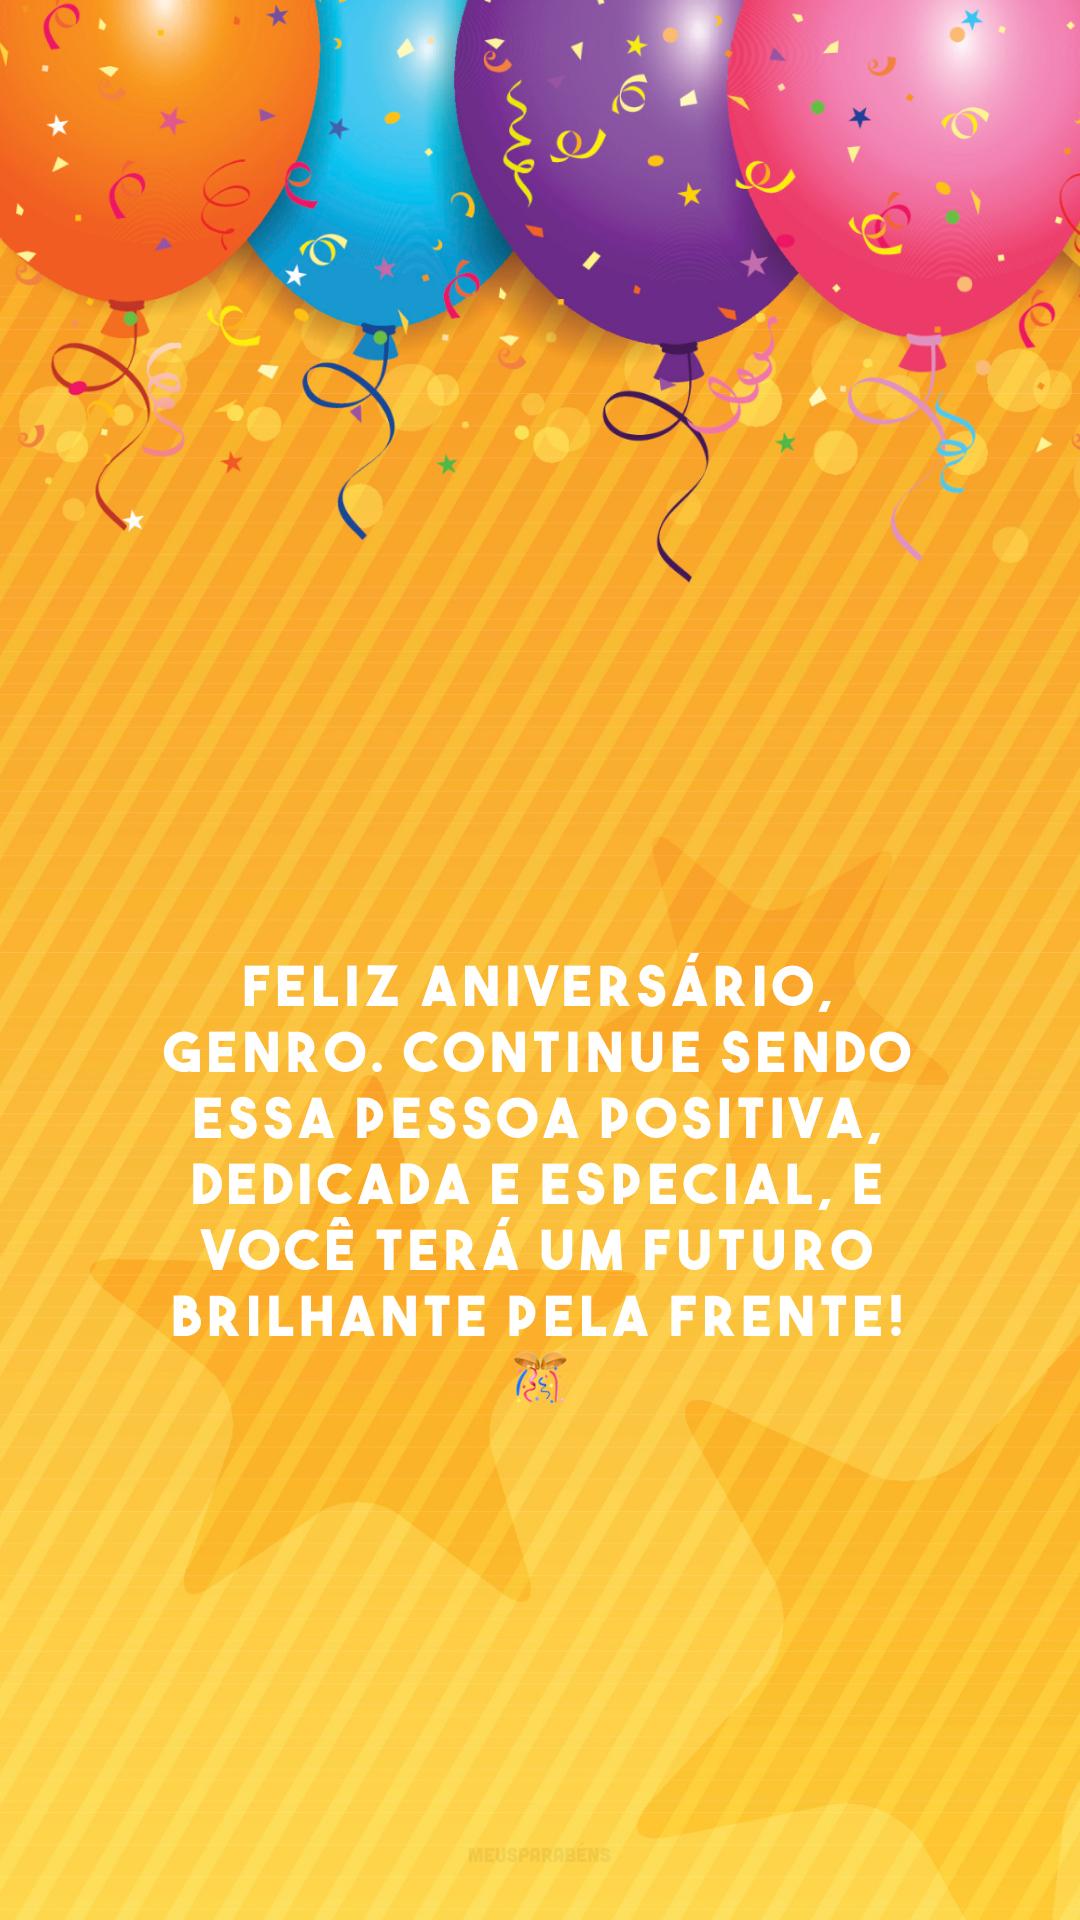 Feliz aniversário, genro. Continue sendo essa pessoa positiva, dedicada e especial, e você terá um futuro brilhante pela frente! 🎊